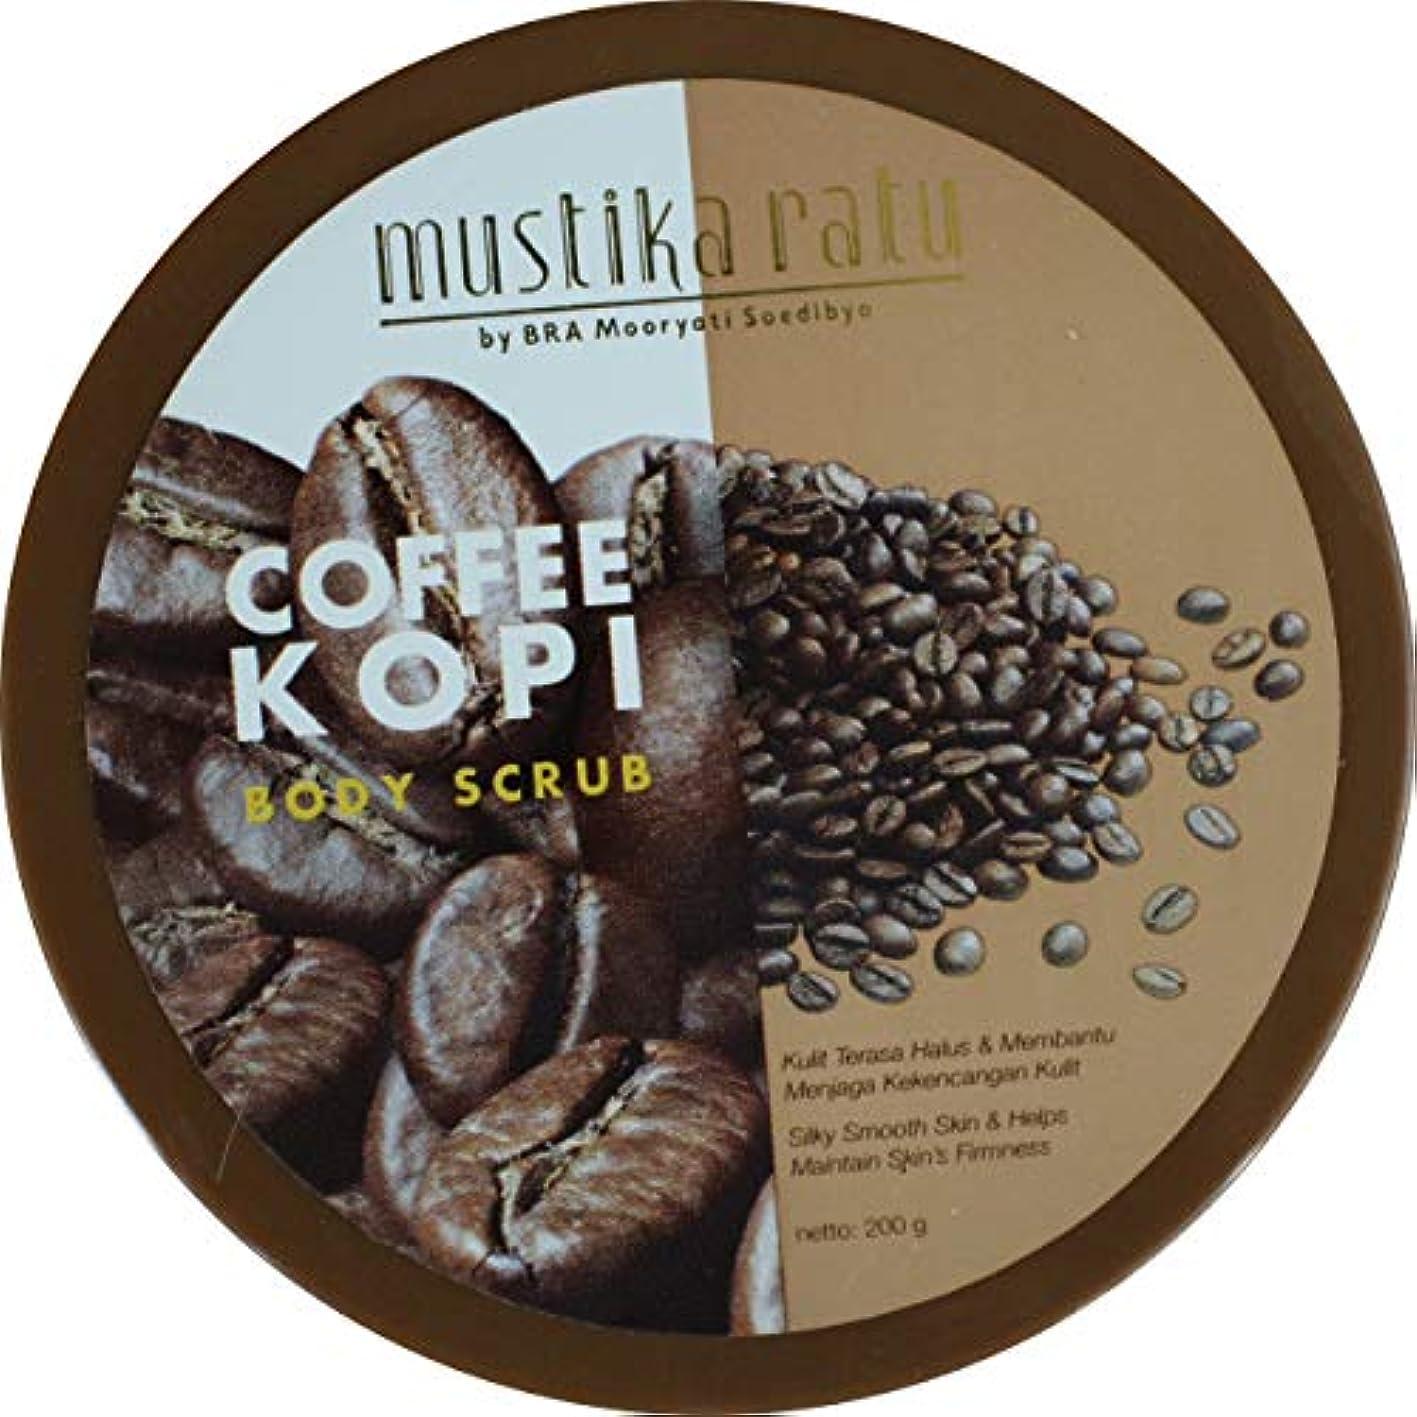 リード責勝利Mustika Ratu インドネシア200グラム単位でのコーヒーボディスクラップ